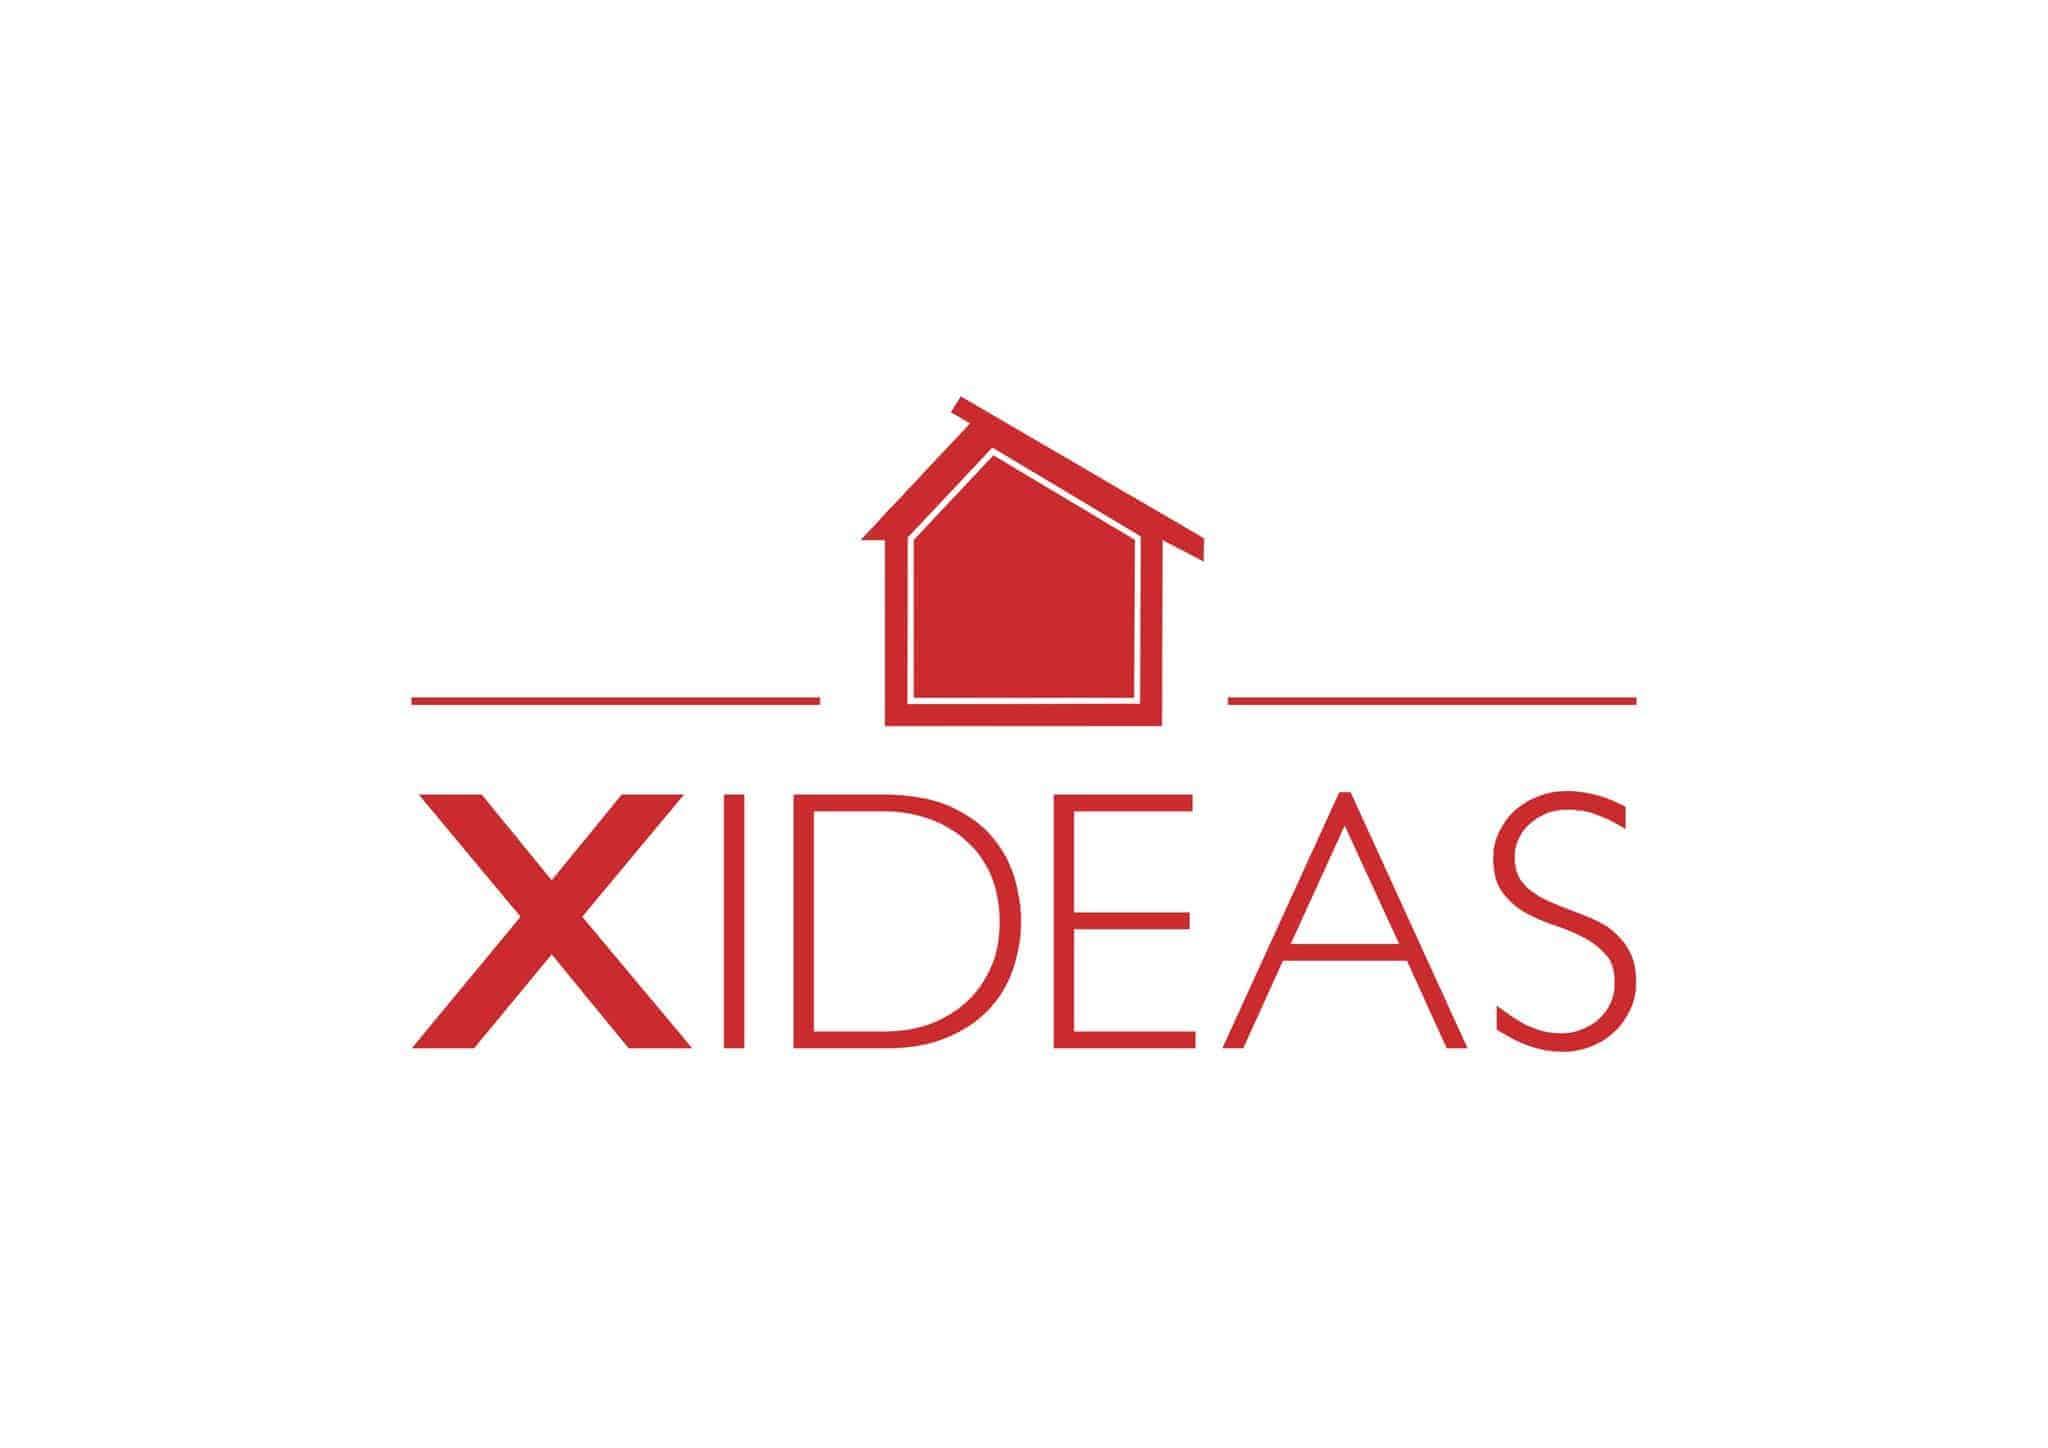 xideas logo